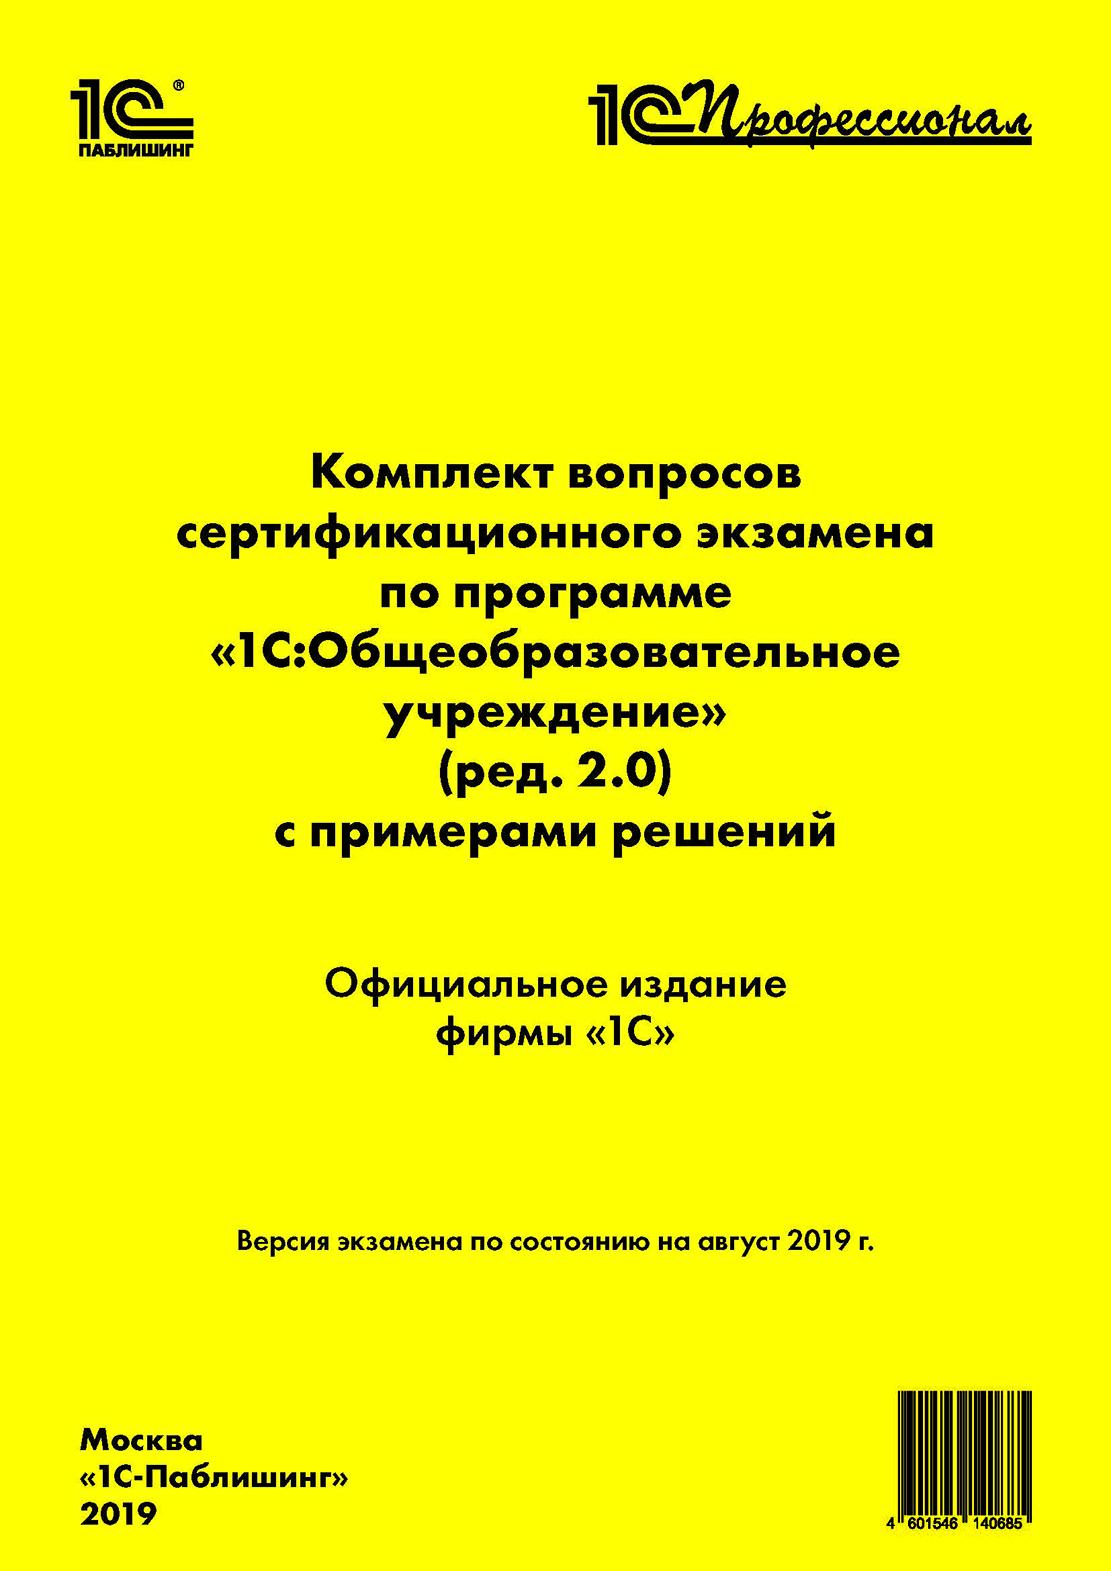 Комплект вопросов сертификационного экзамена «1С:Профессионал» по программе «1С:Общеобразовательное учреждение» (ред. 2.0) с примерами решений [цифровая версия] (Цифровая версия)